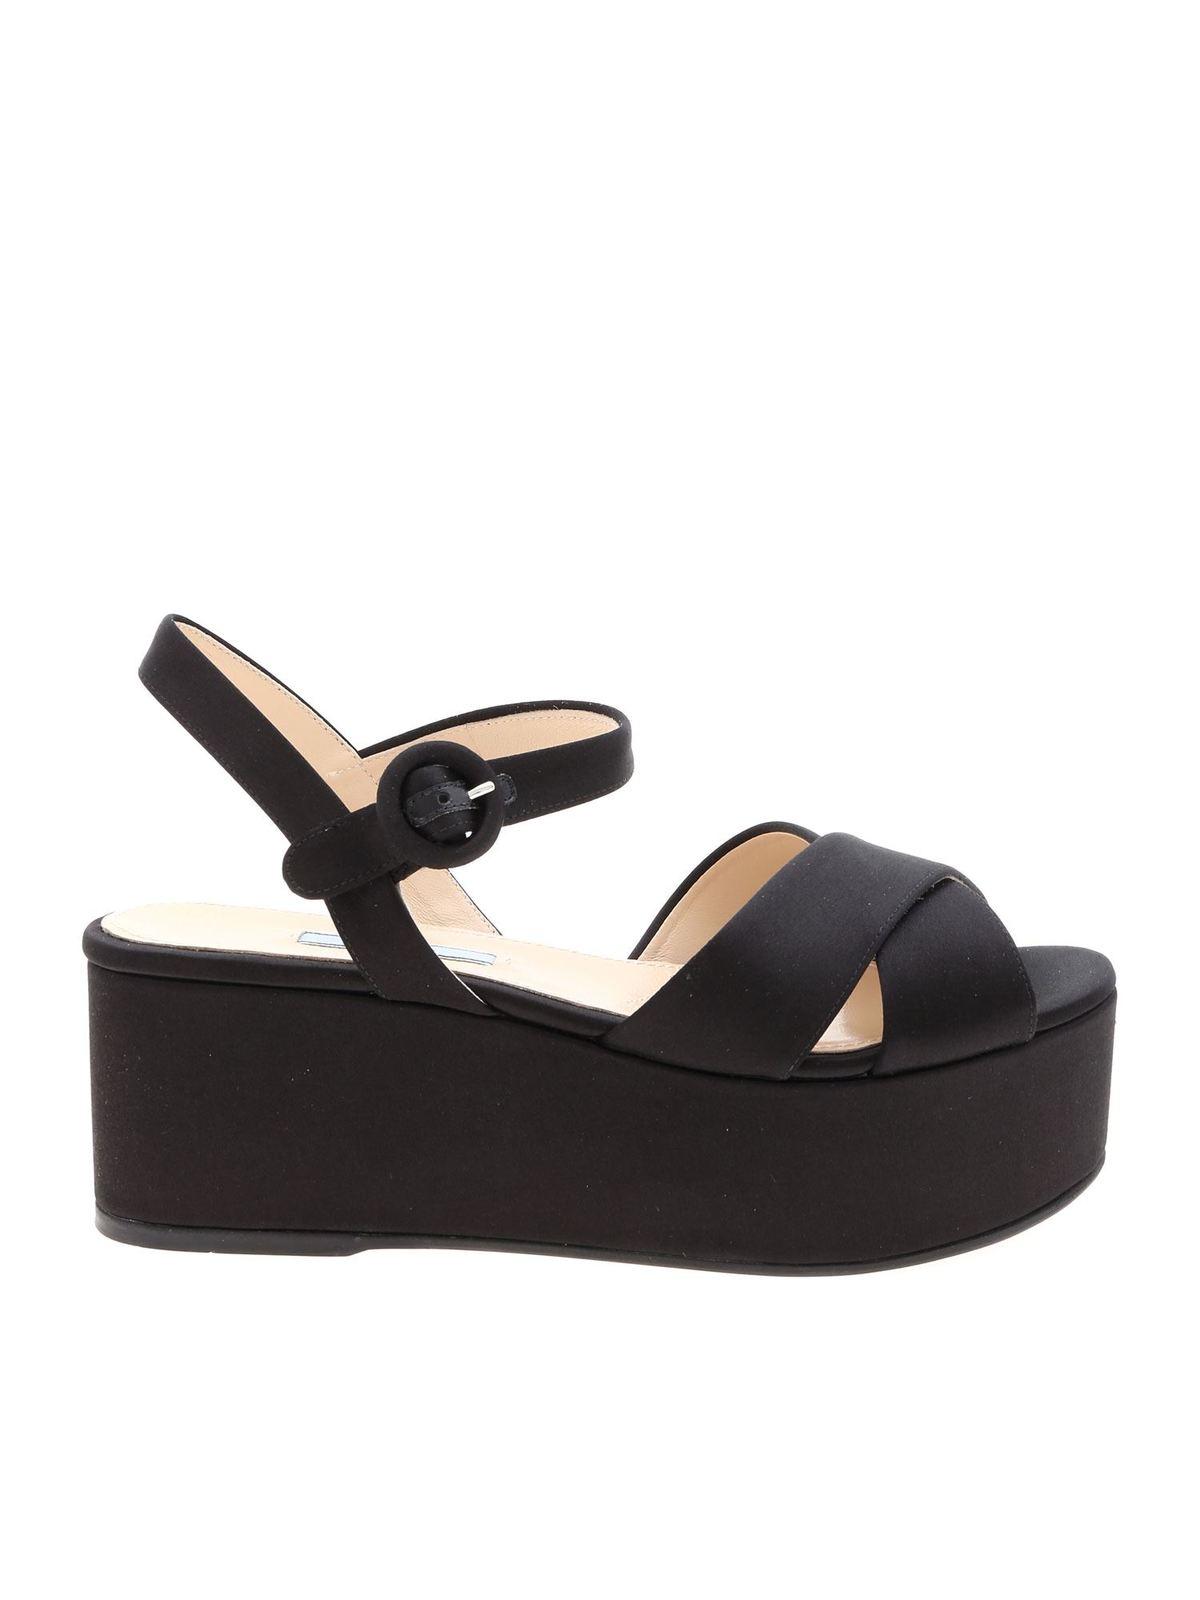 Prada Sandali in raso nero sandali 1XZ672049F0002